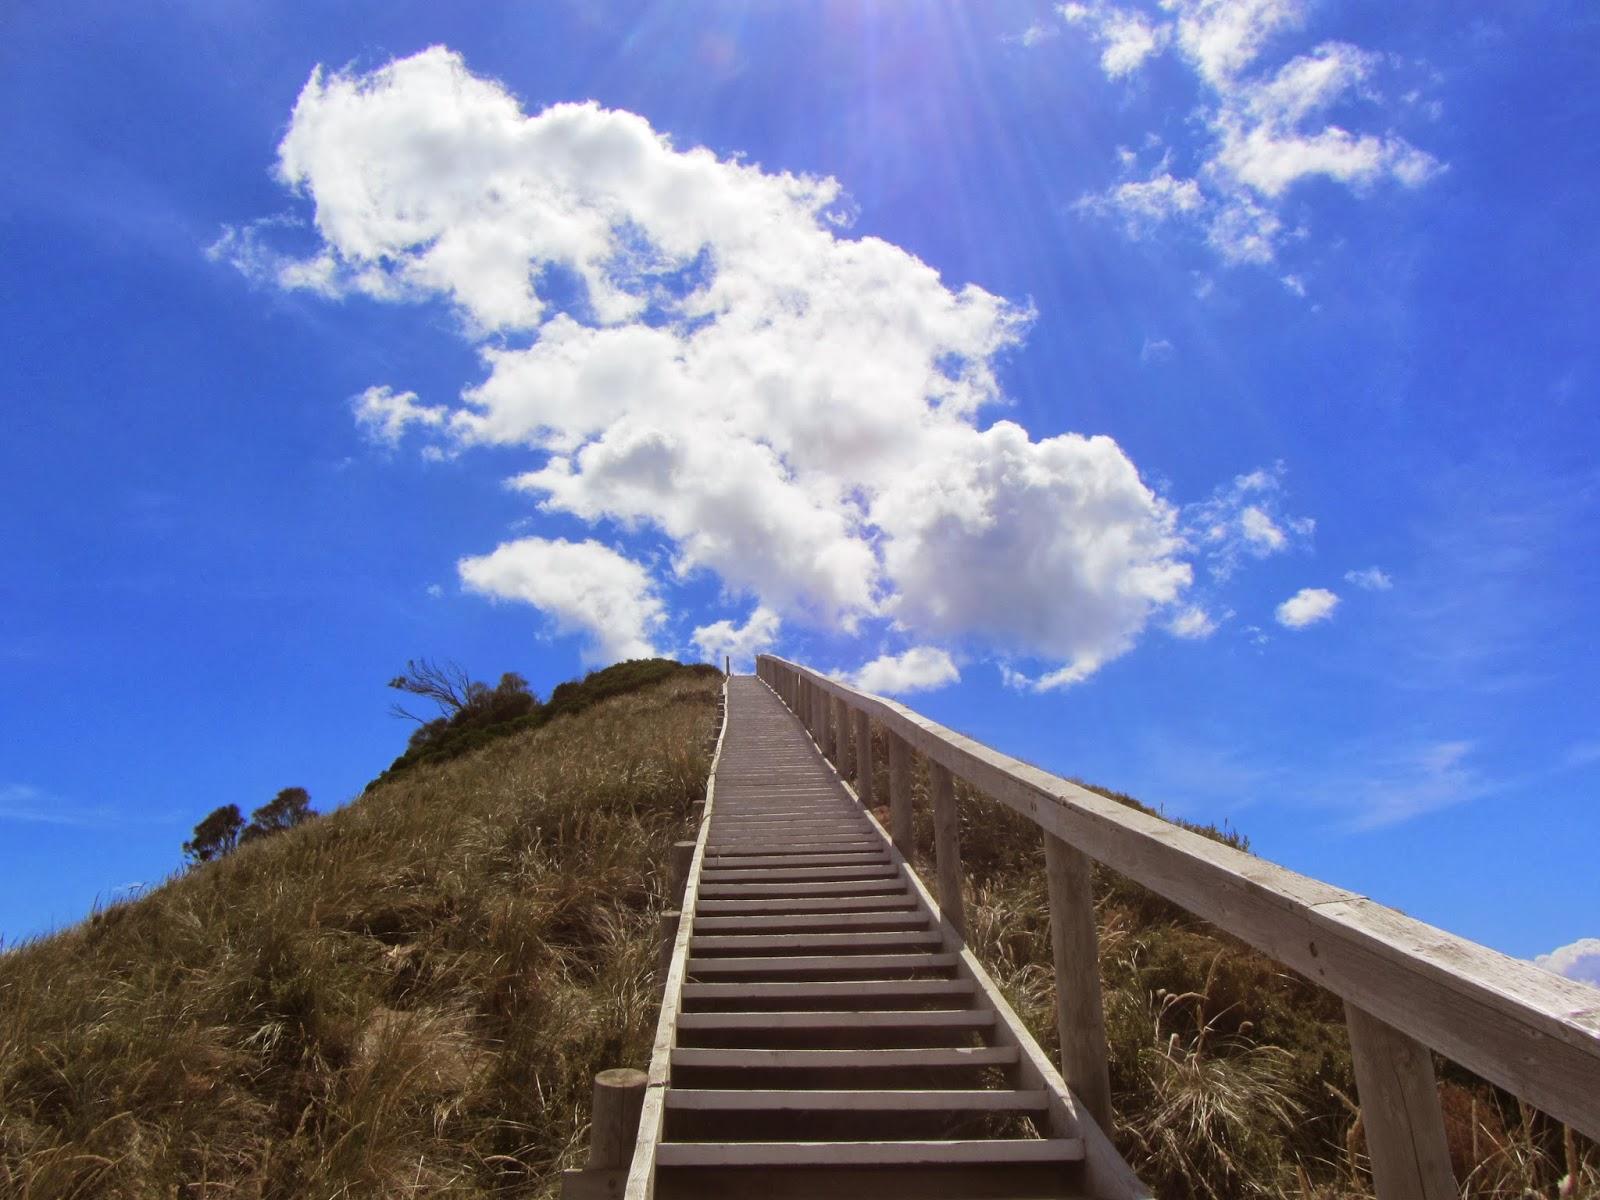 出走不用很多原因,尋夢沒有什麼限期。